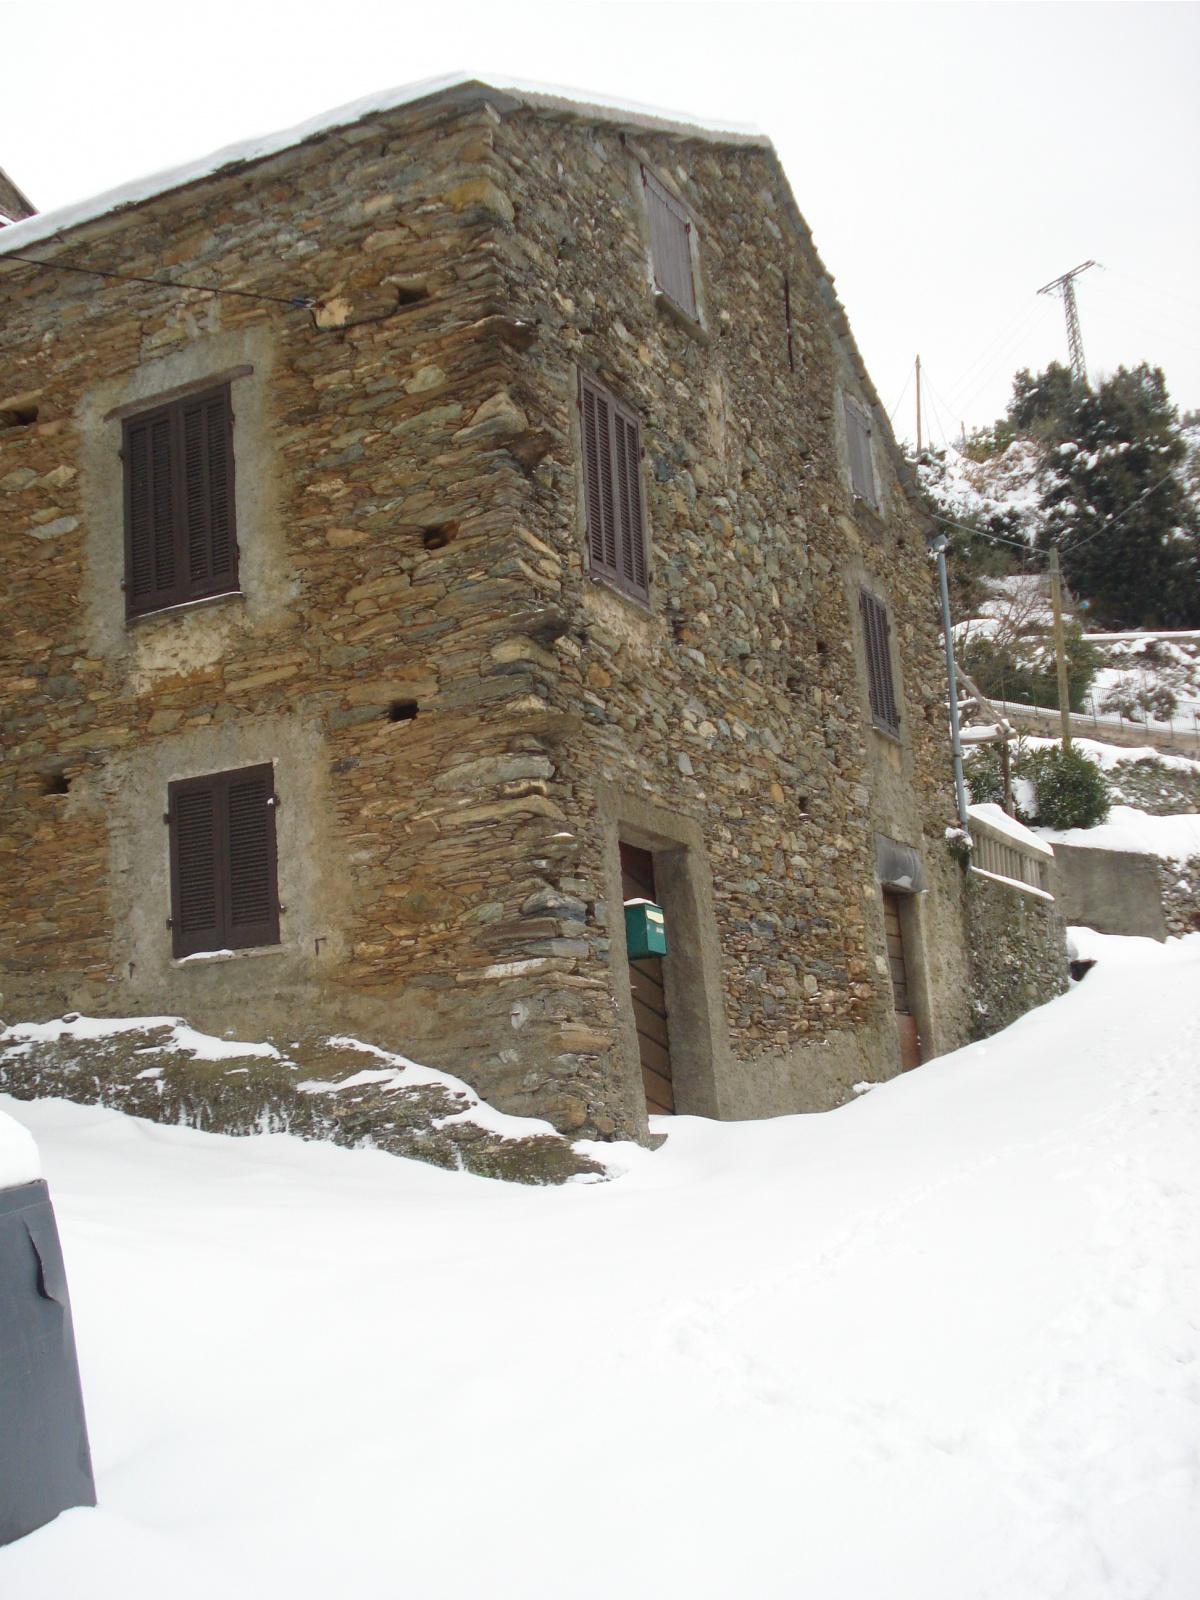 La maison de marie une photo de casalta - La maison de marie nice ...